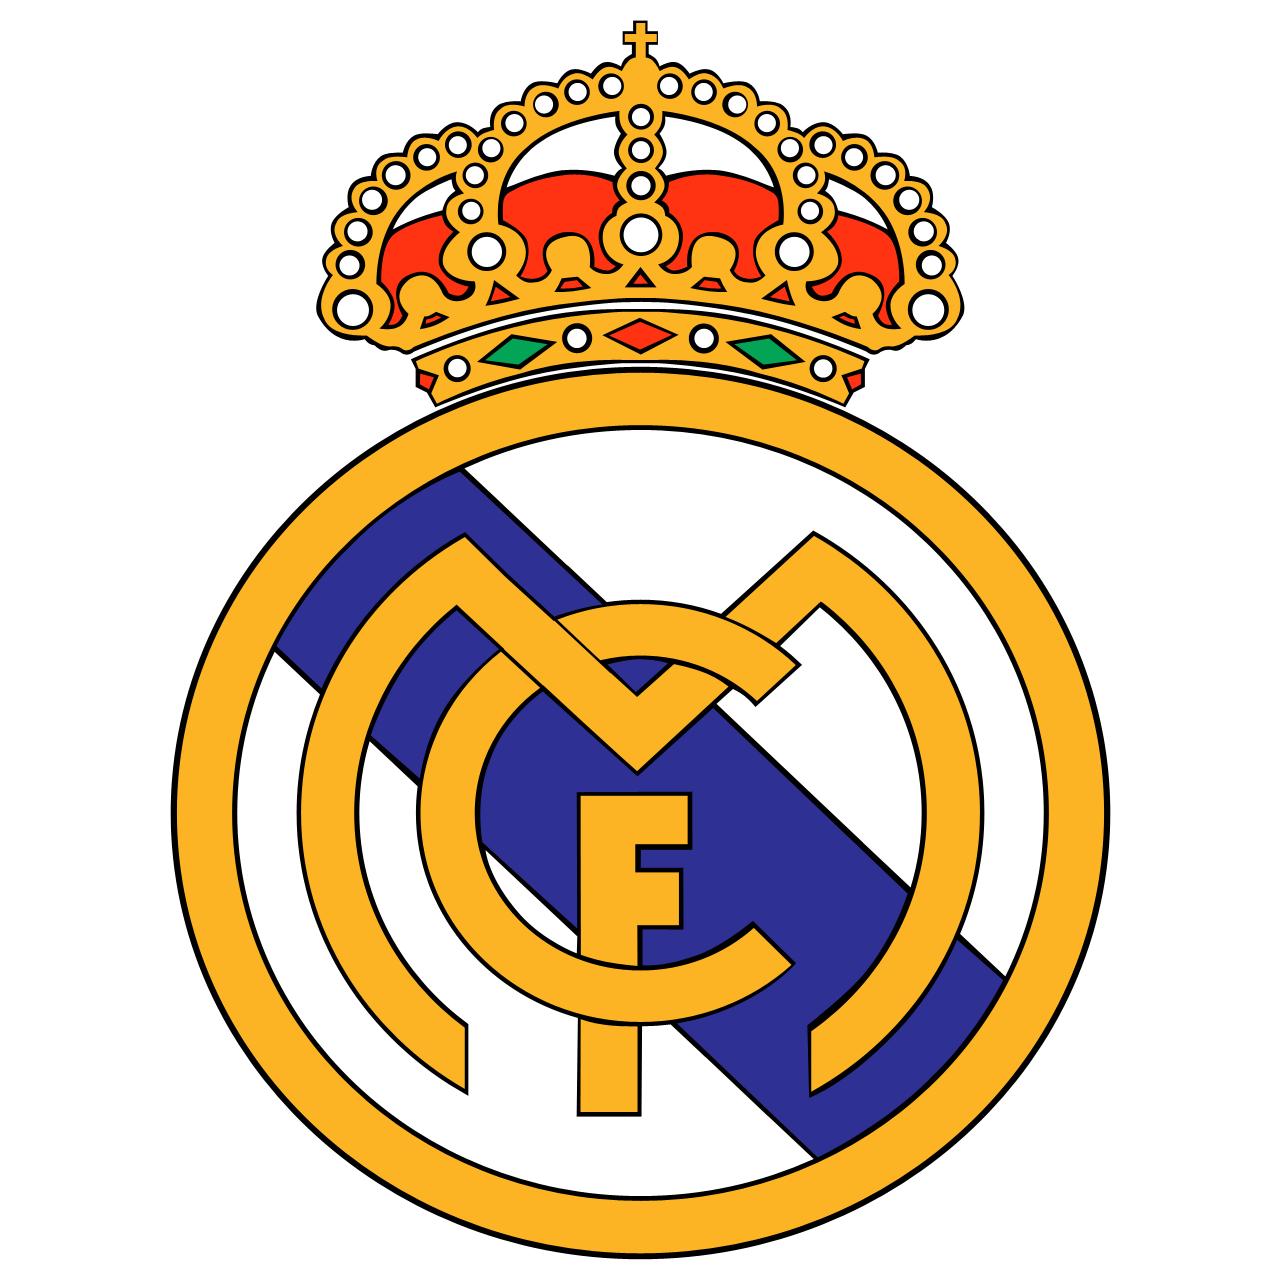 Real Madrid logo sheet or sugar sheet